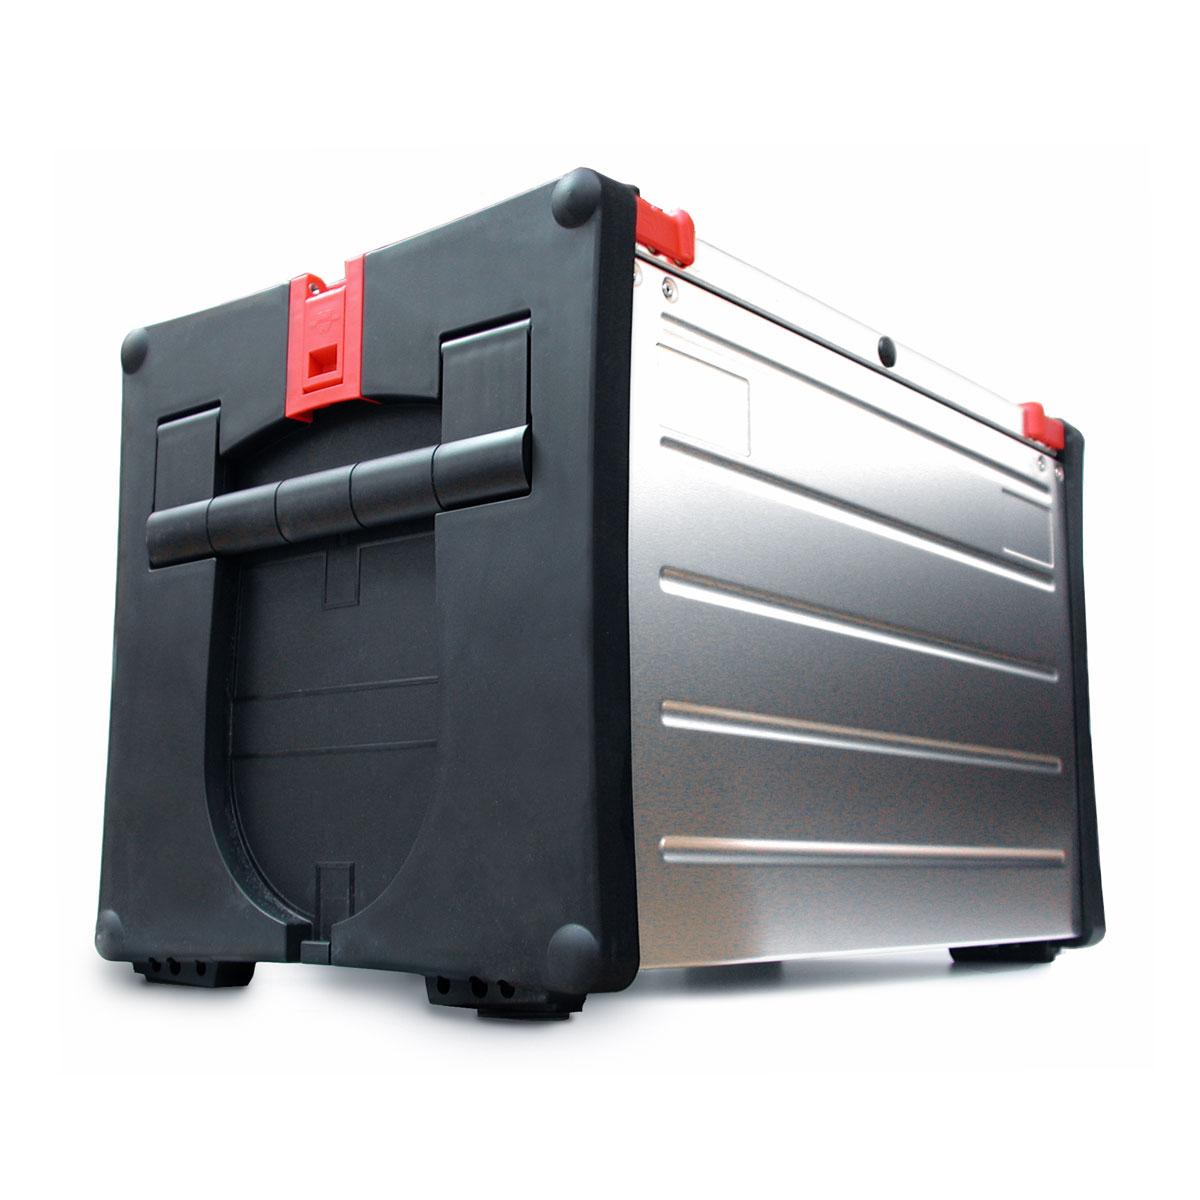 Industriedesign Werkzeug-Box Orsy Bull für Würth